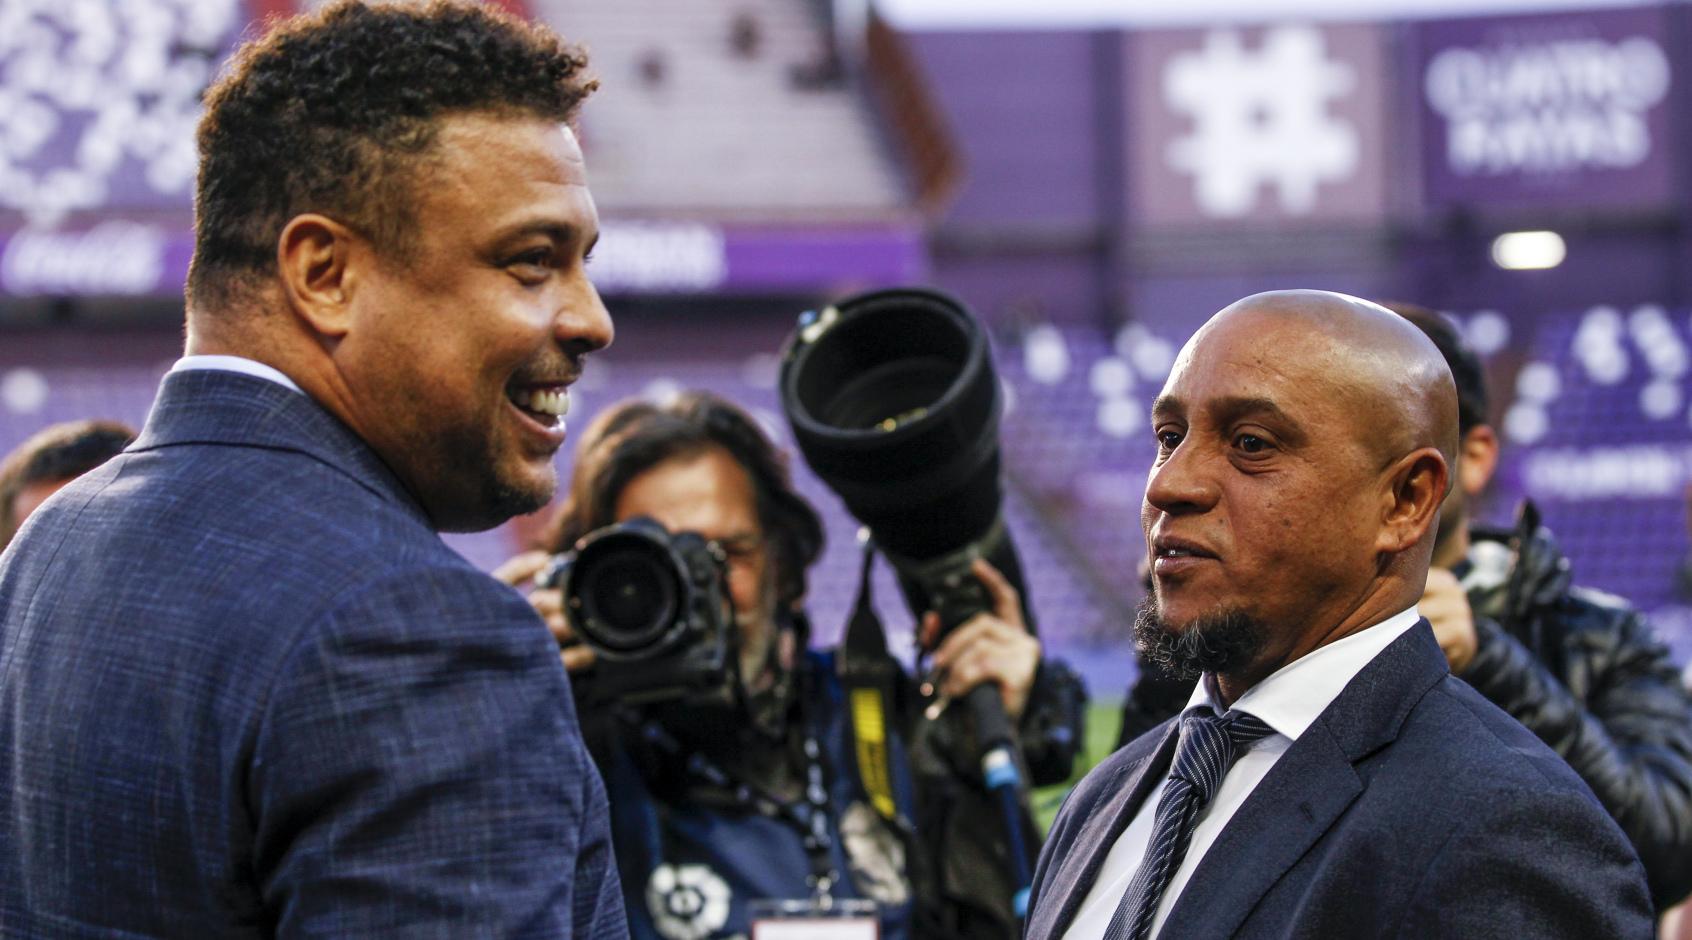 """ПСЖ и """"галактикос"""": Роналдо – о шансах Месси, Неймара и Мбаппе выиграть ЛЧ"""